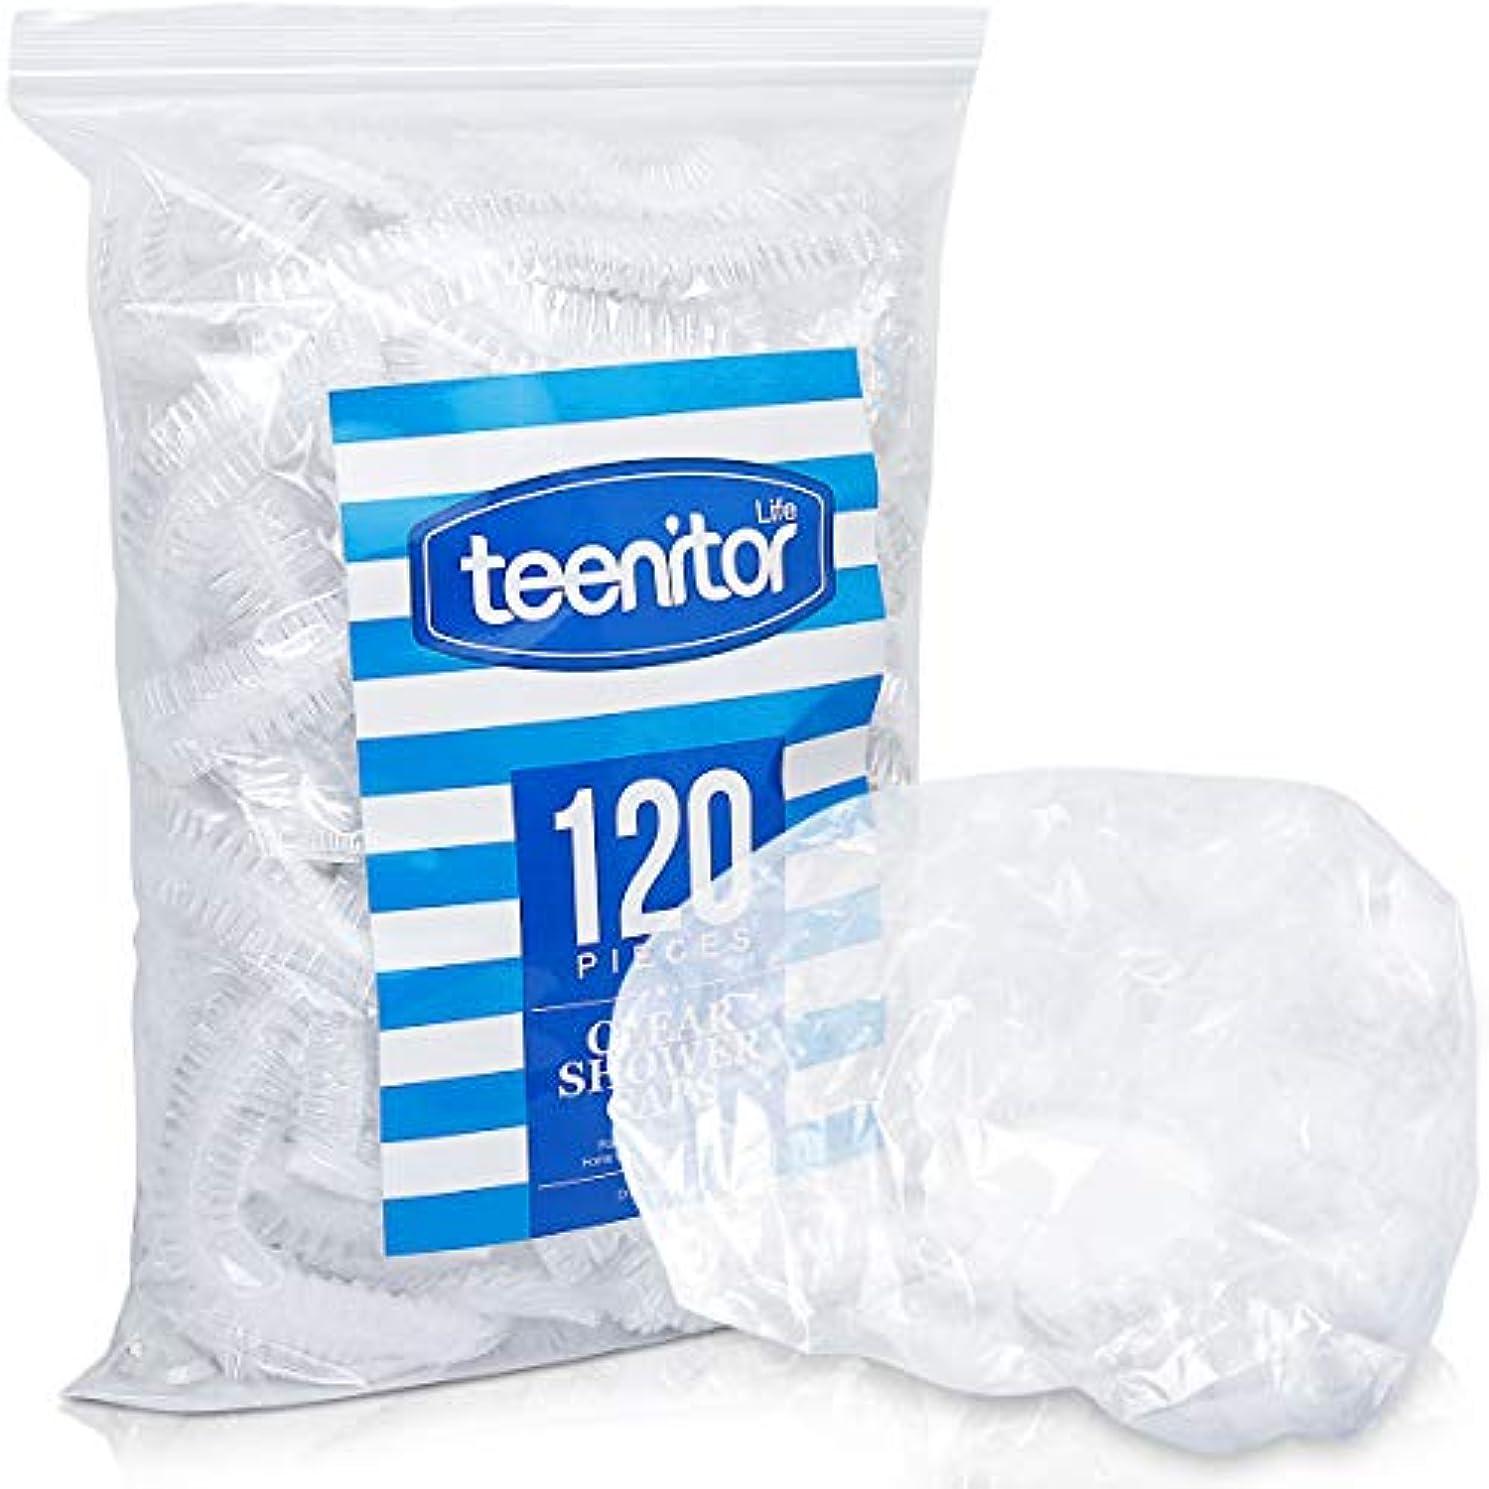 シエスタ許容カブTeenitor 使い捨てキャップ シャワーキャップ ヘアキャップ120枚 高品質 髪染め用 ヘアカラー用 サロン用 業務用 フリーサイズ 男女兼用